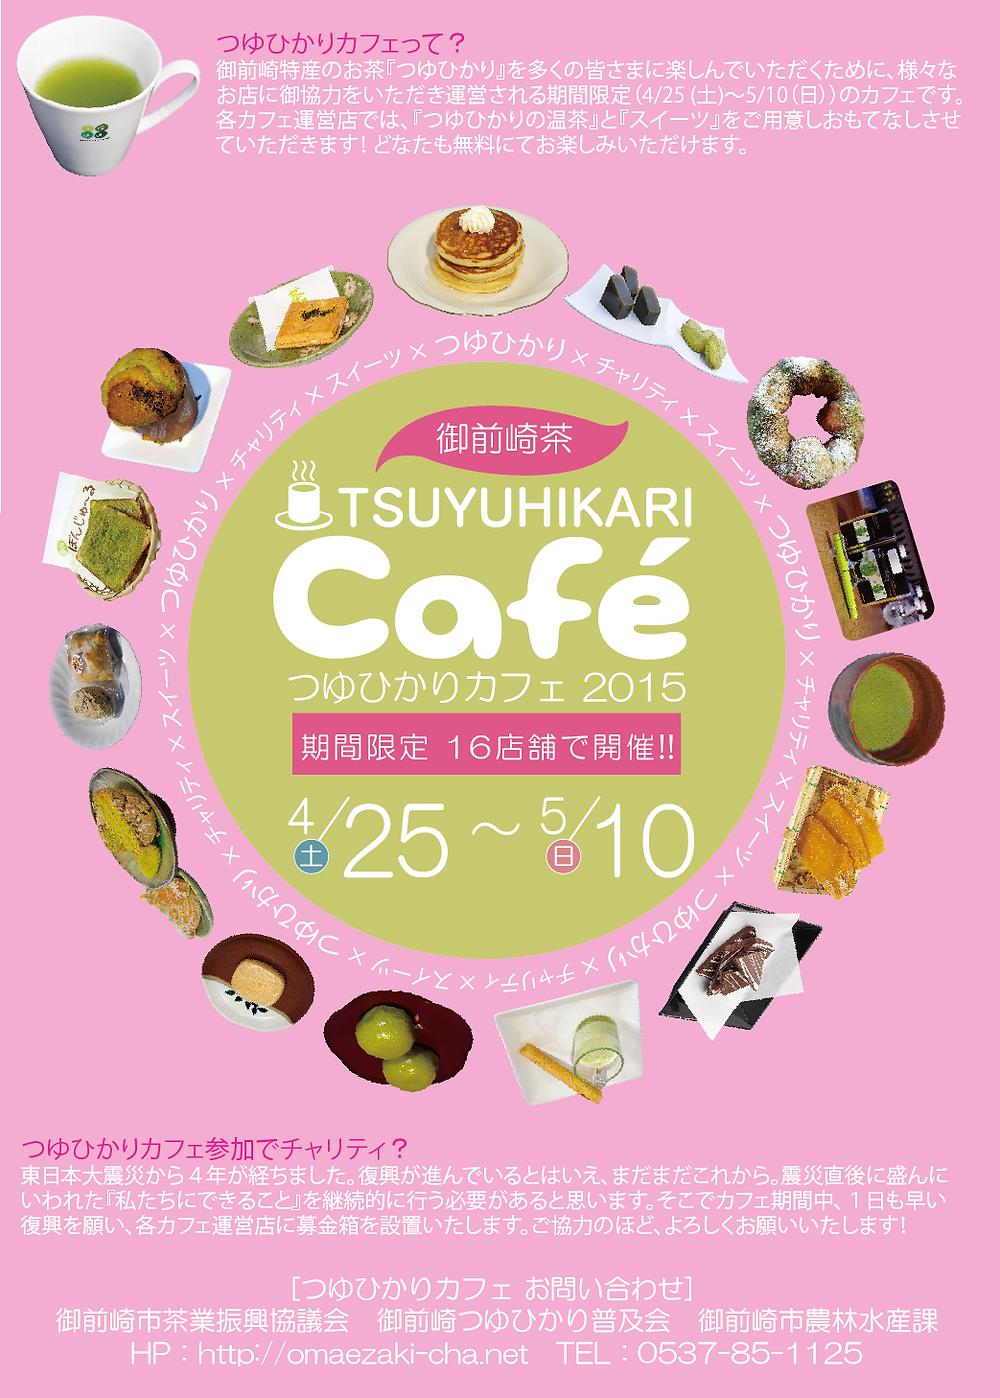 つゆひかりカフェ2015パンフ表紙_20150413.png